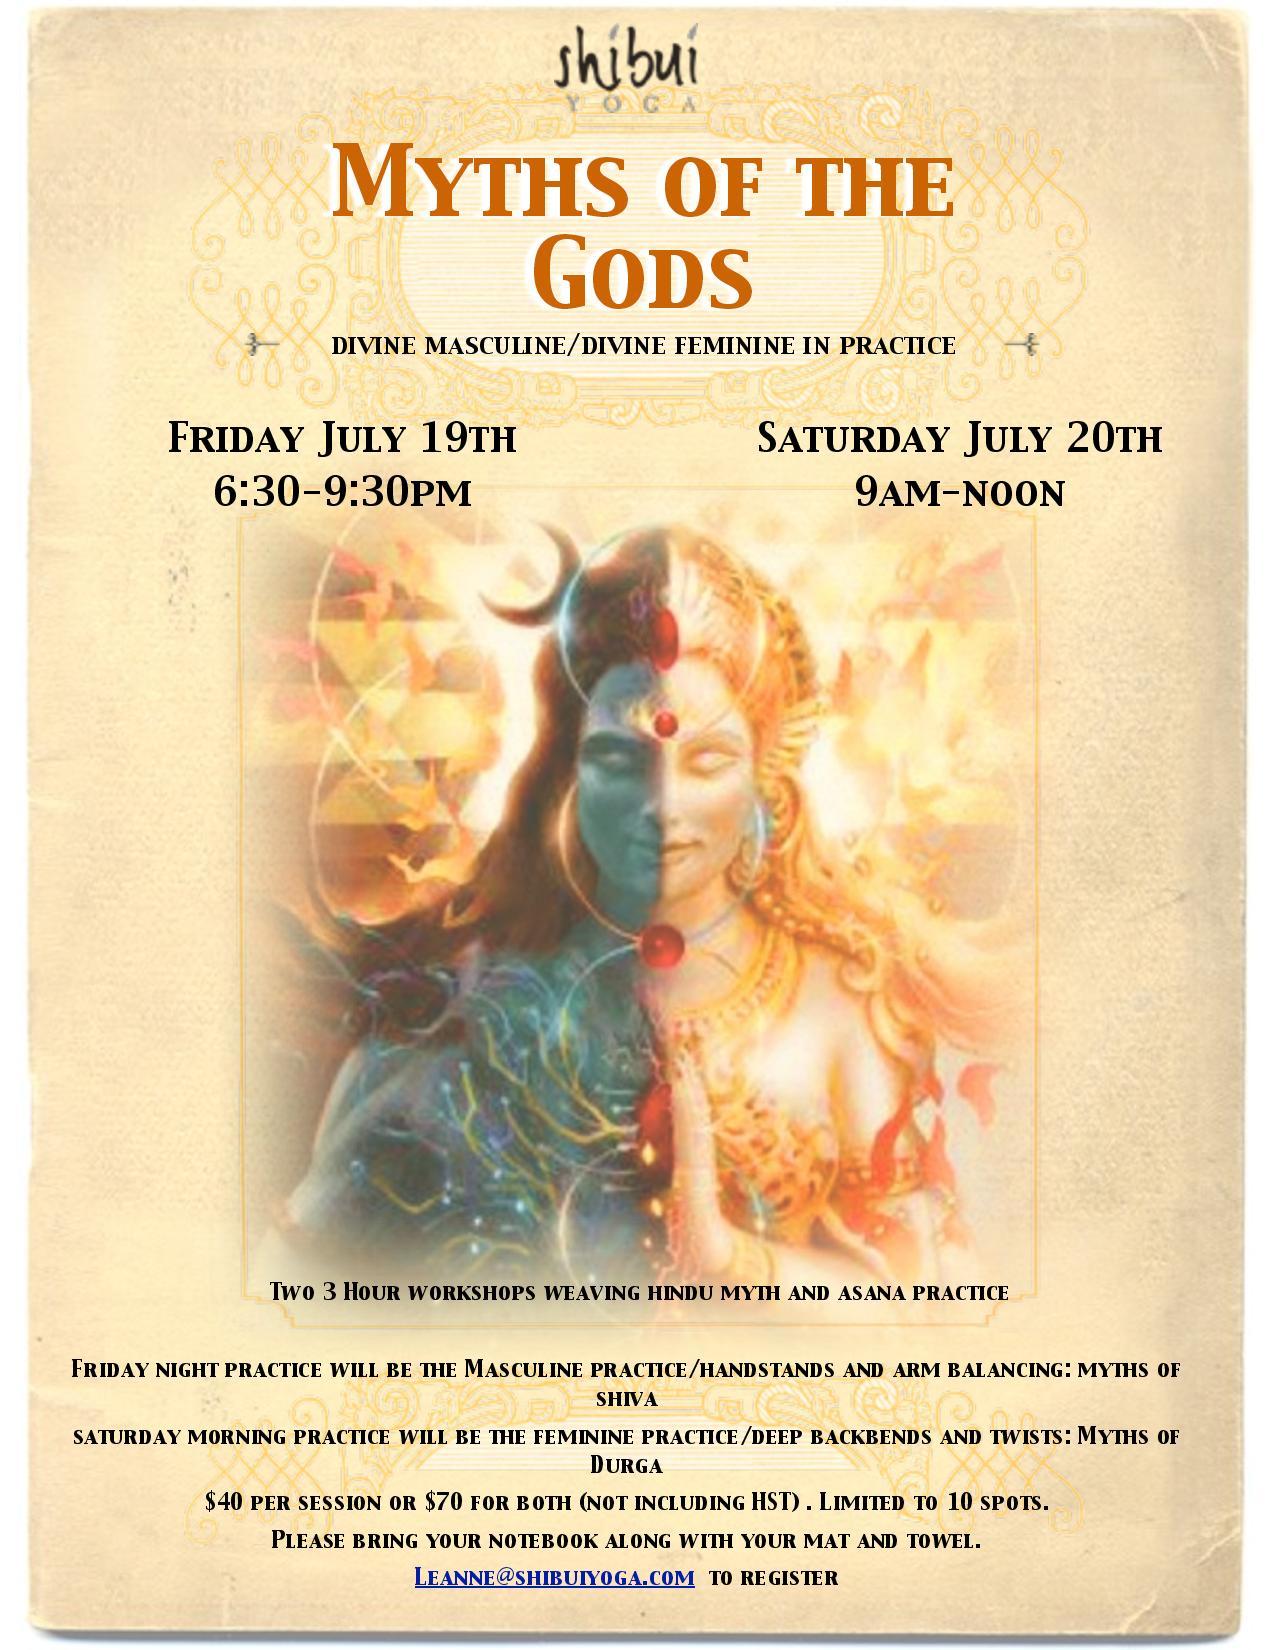 Myths of the Gods